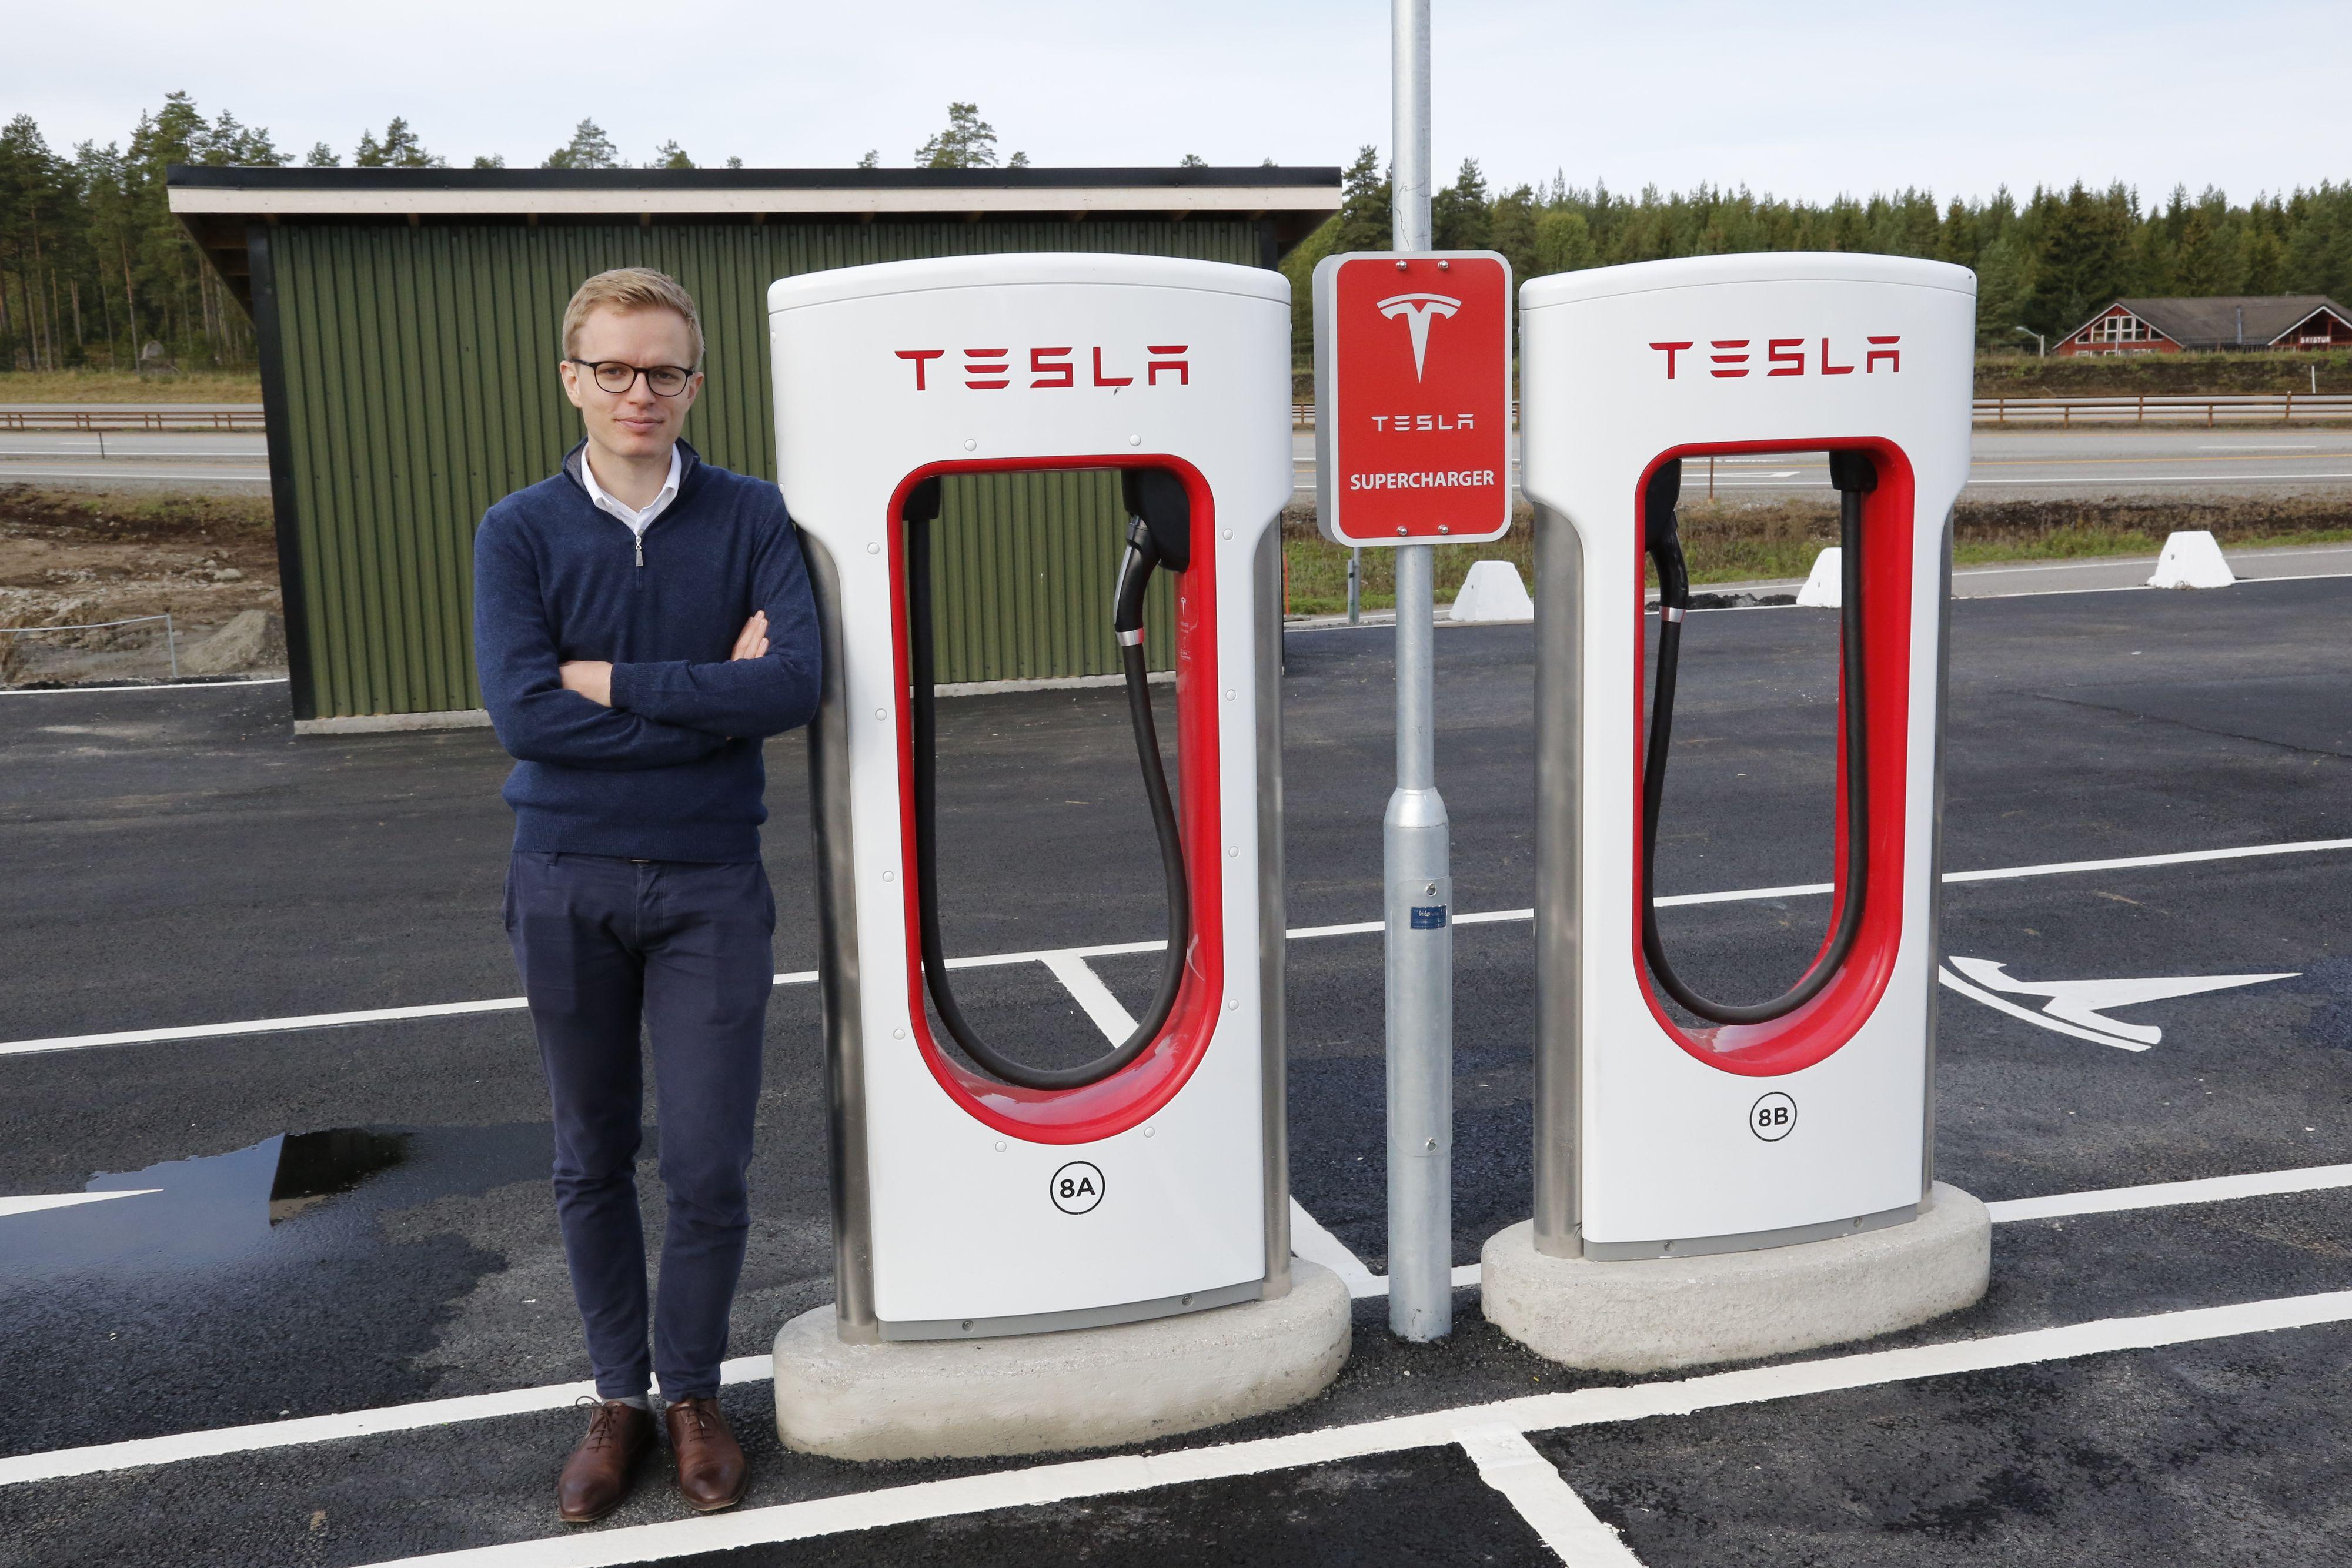 Kommunikasjonssjef Even Sandvold Roland i Tesla Norge innrømmer at Autopilot-utviklingen har tatt lenger tid enn først antatt, og takker kundene for tålmodigheten.